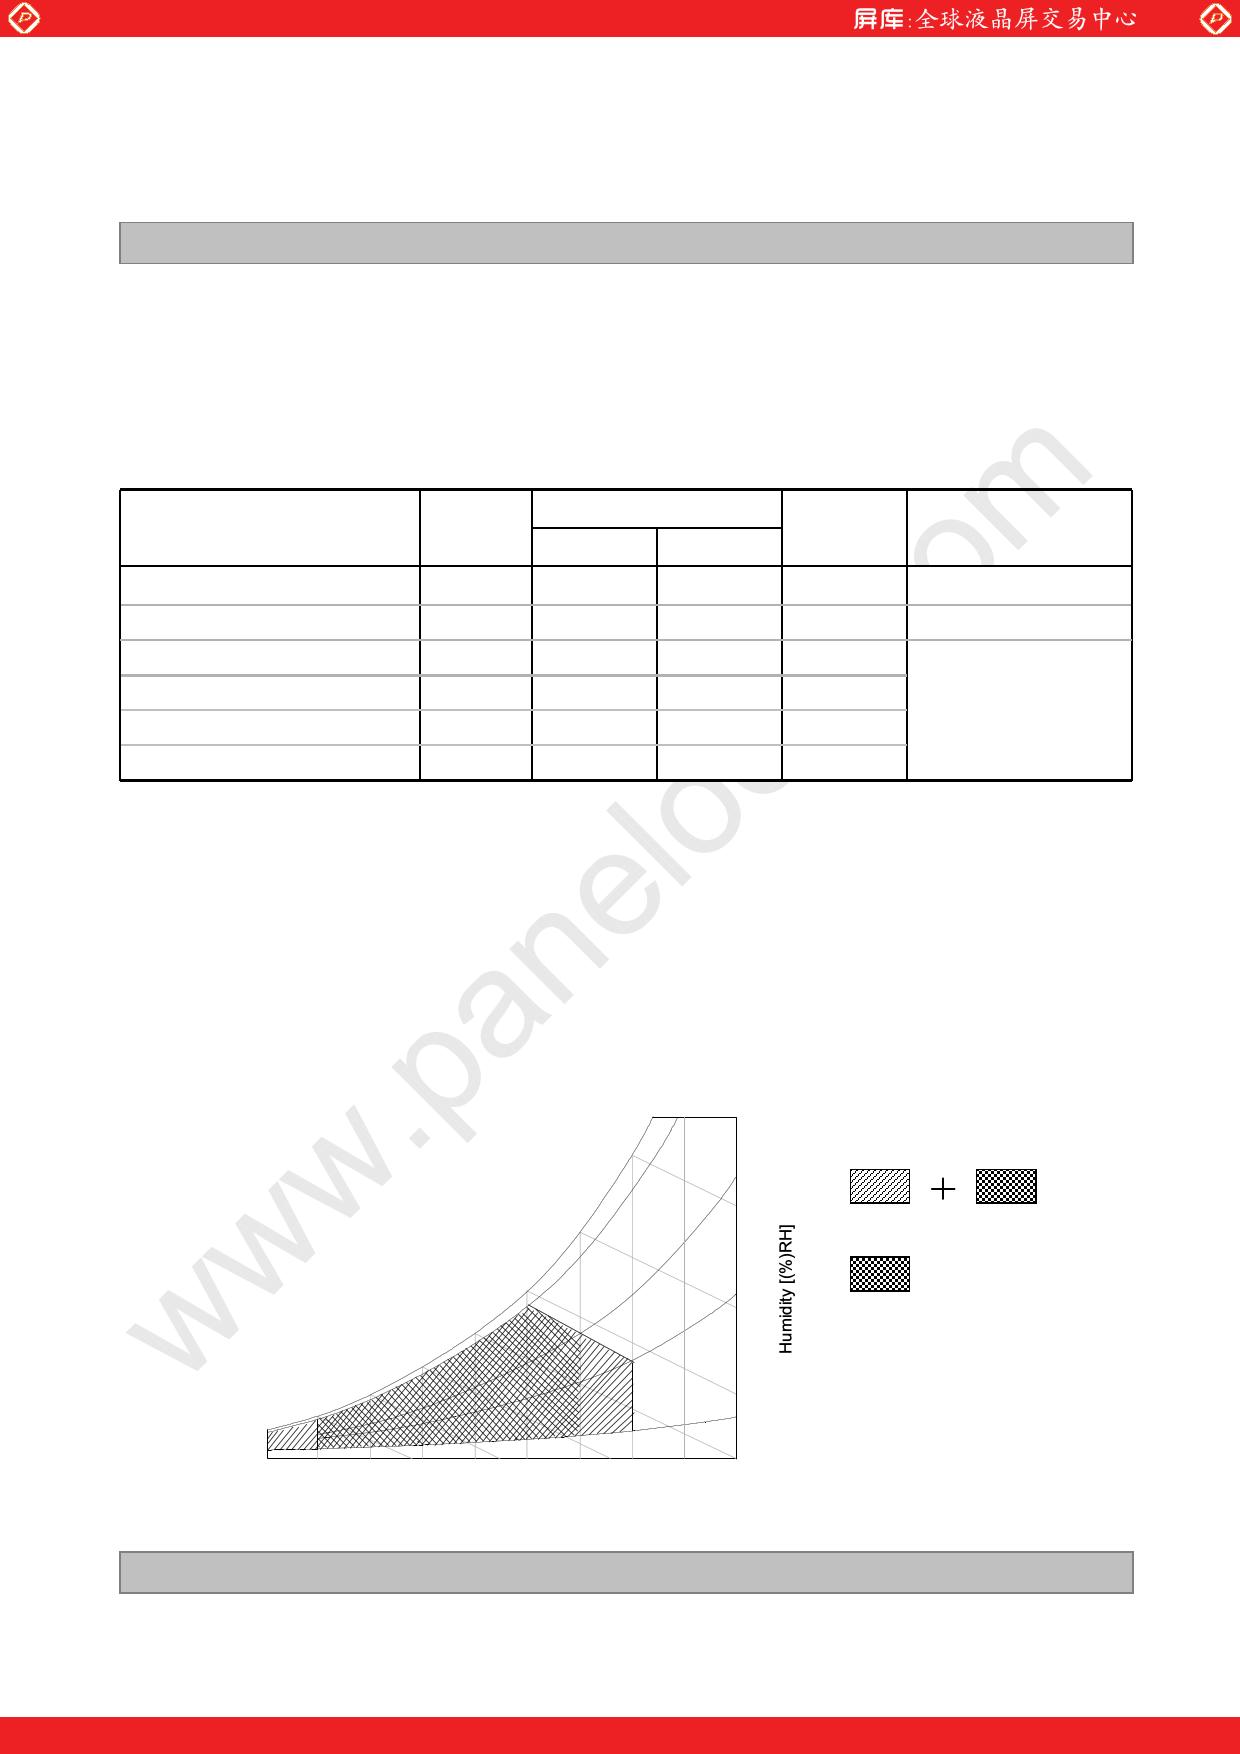 LC320EXJ-SEK1 pdf